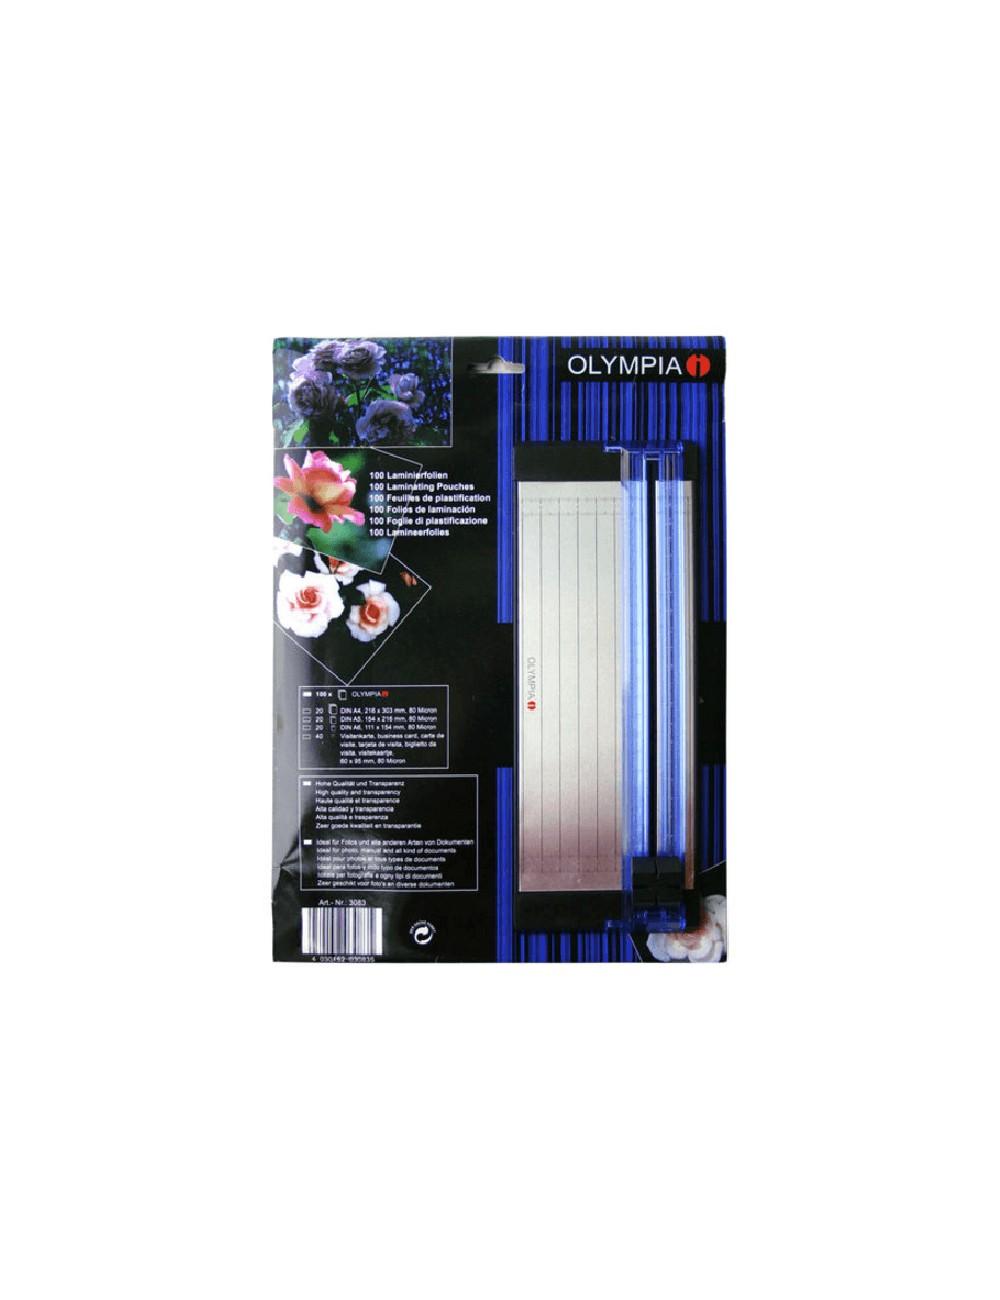 Σετ διαφανειών,ζελατίνες πλαστικοποίησης & Κοπτικό Olympia Α4/Α5/Α6 Επαγγελματικές κάρτες